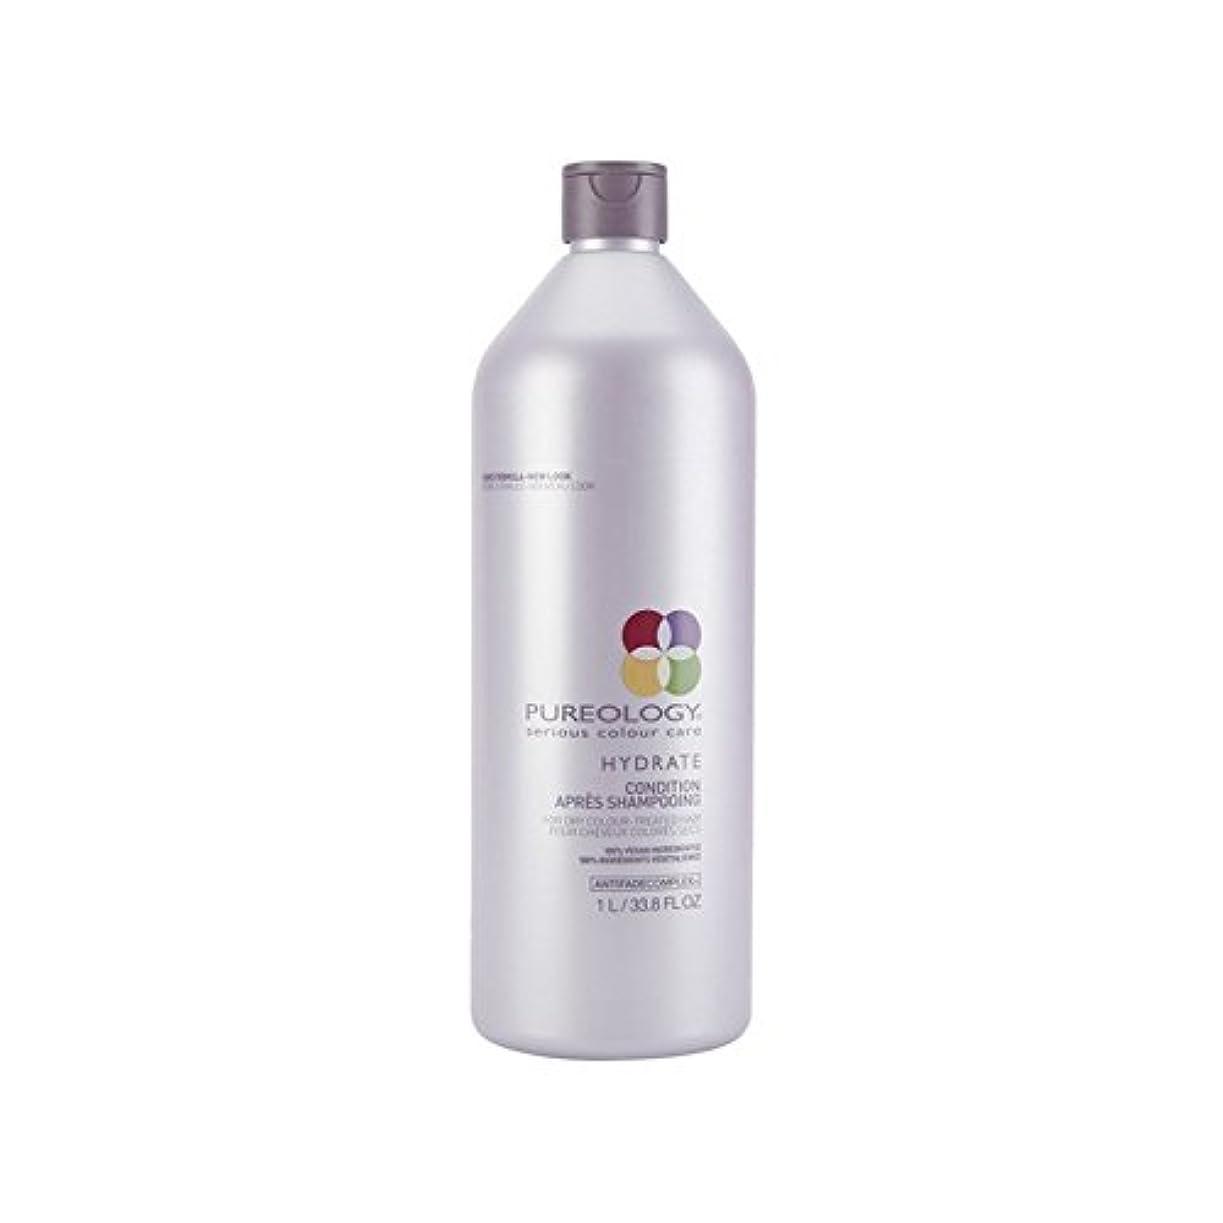 差別アーティスト組み合わせ純粋な水和物コンディショナー(千ミリリットル) x4 - Pureology Pure Hydrate Conditioner (1000ml) (Pack of 4) [並行輸入品]